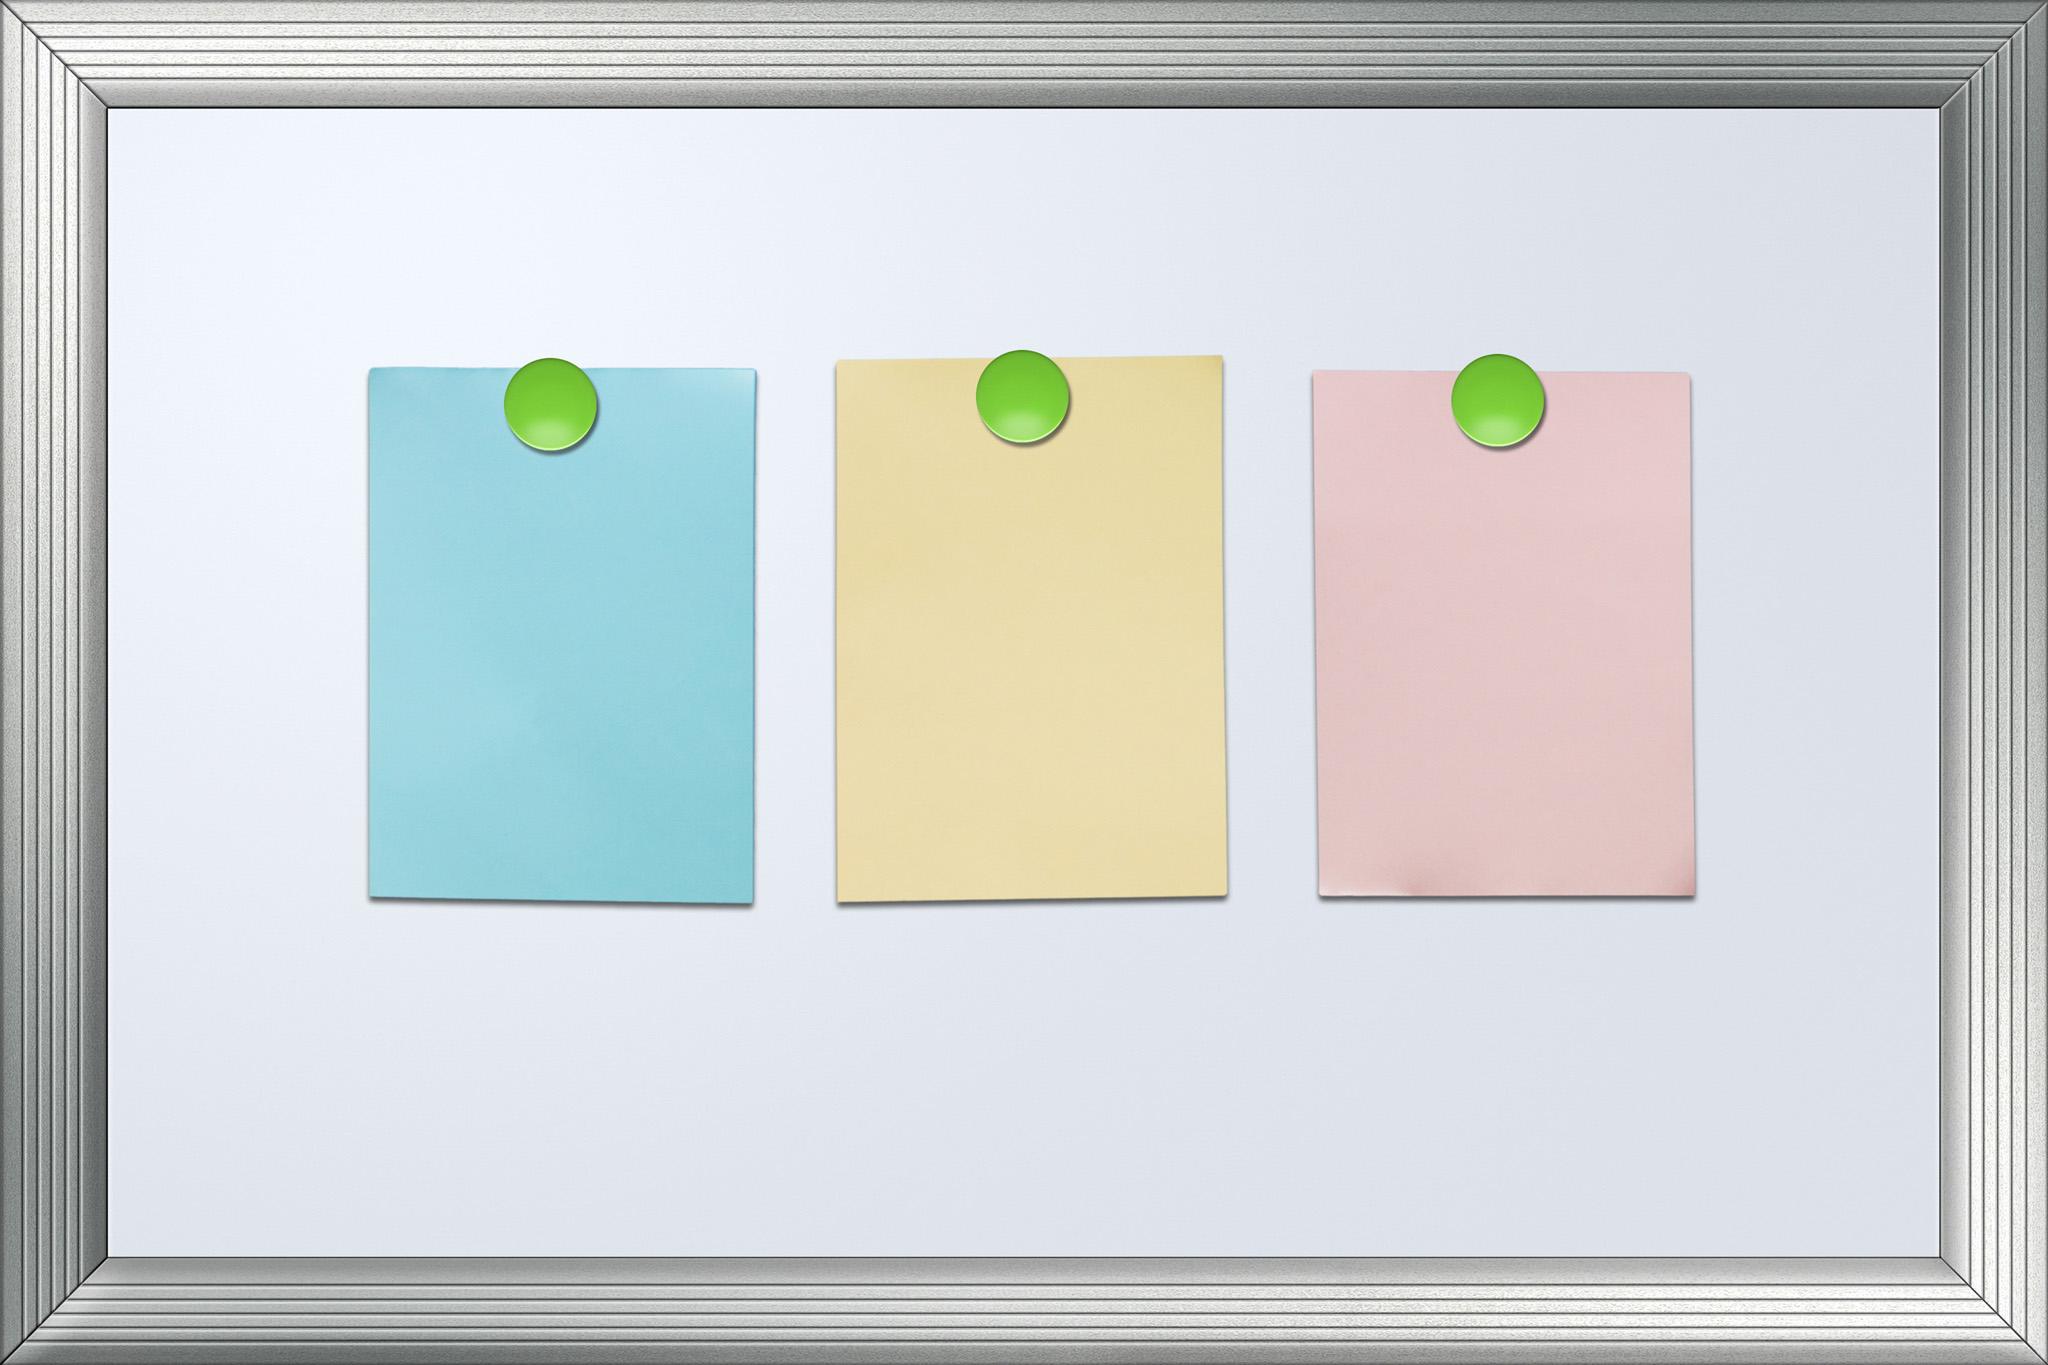 「色付きメモ紙とホワイトボードの背景」の素材を無料ダウンロード